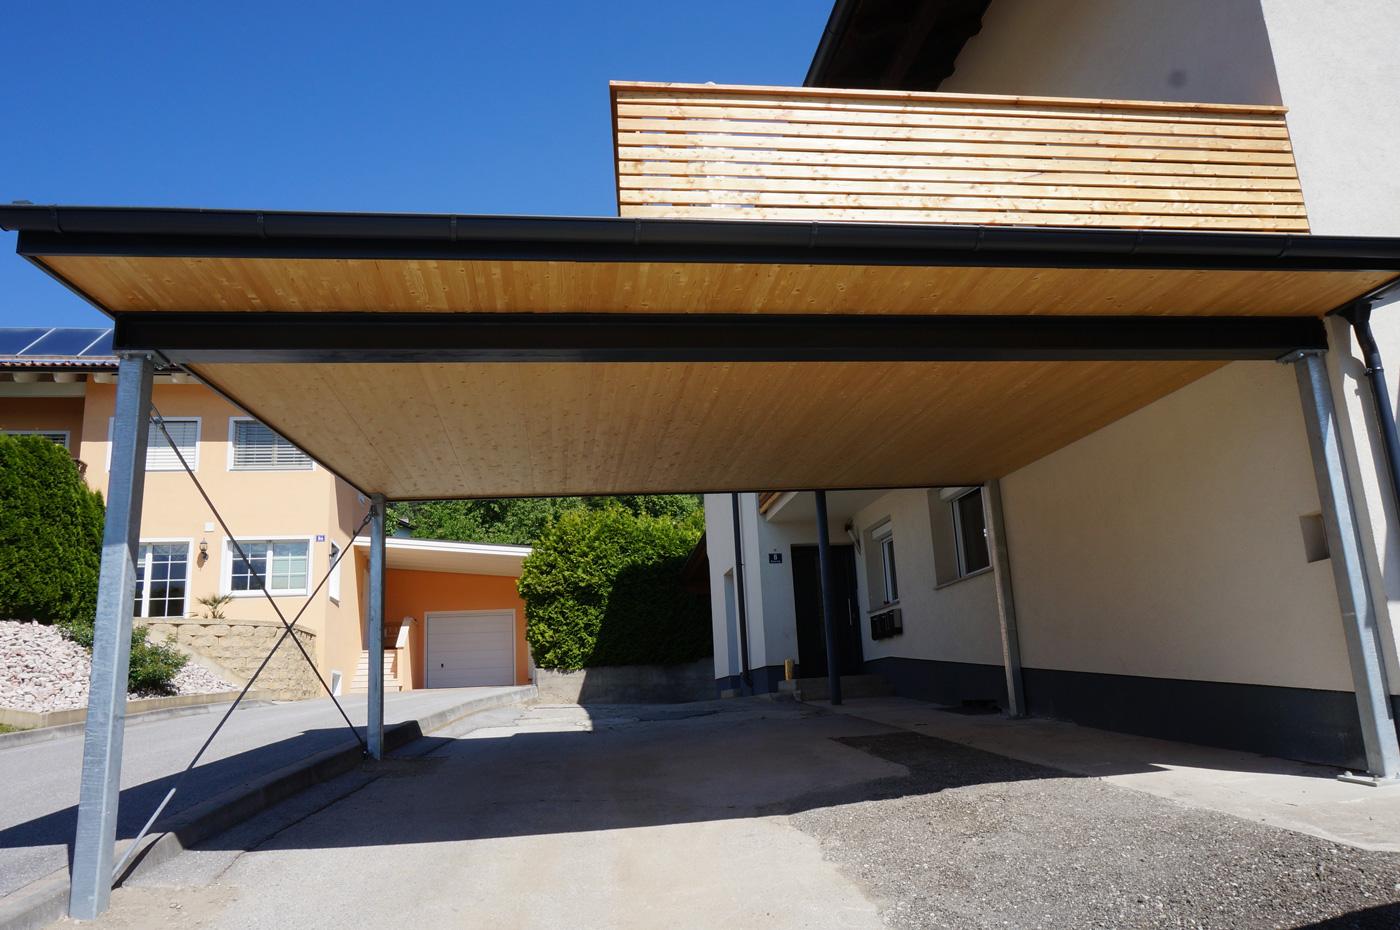 carport-9-2019-mit-integrierter-begehbarer-terrasse-holzbau-zimmerei-norz-thaur-2.jpg